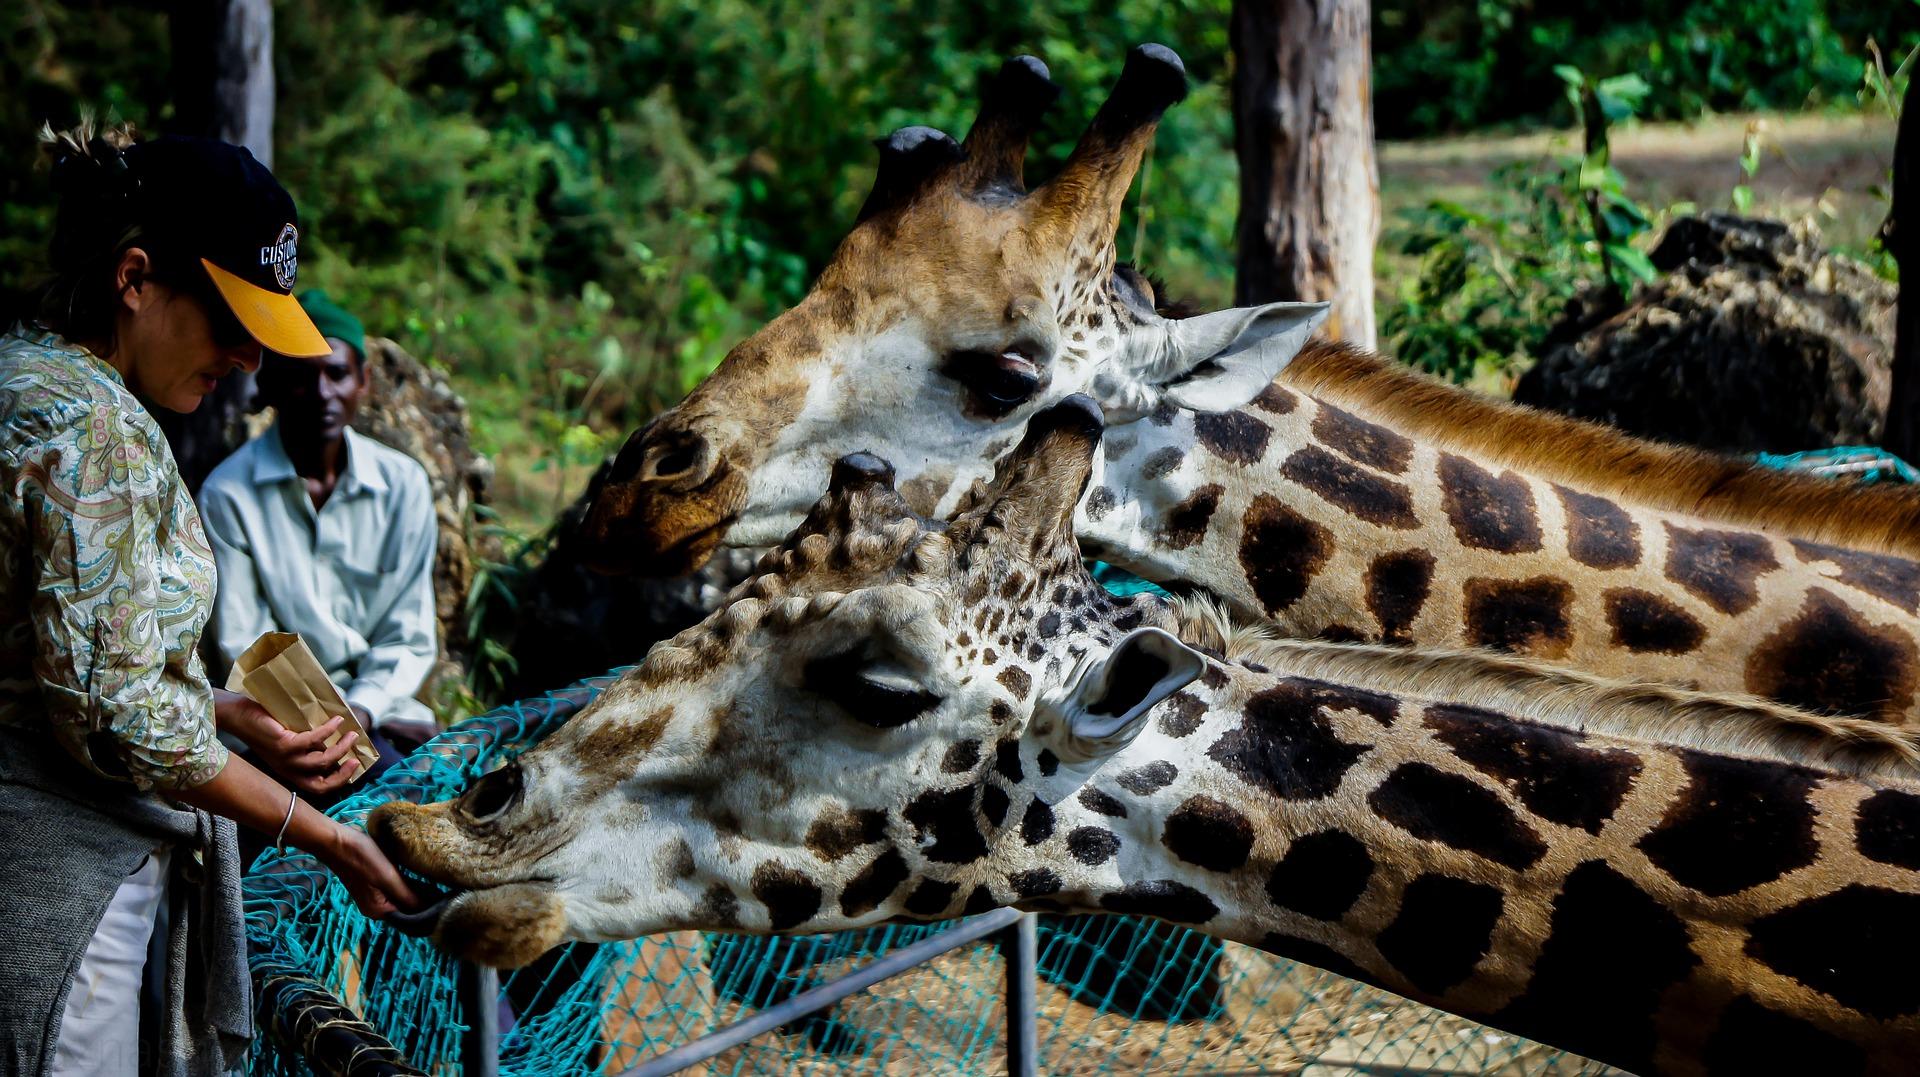 giraffe-2656060_1920.jpg